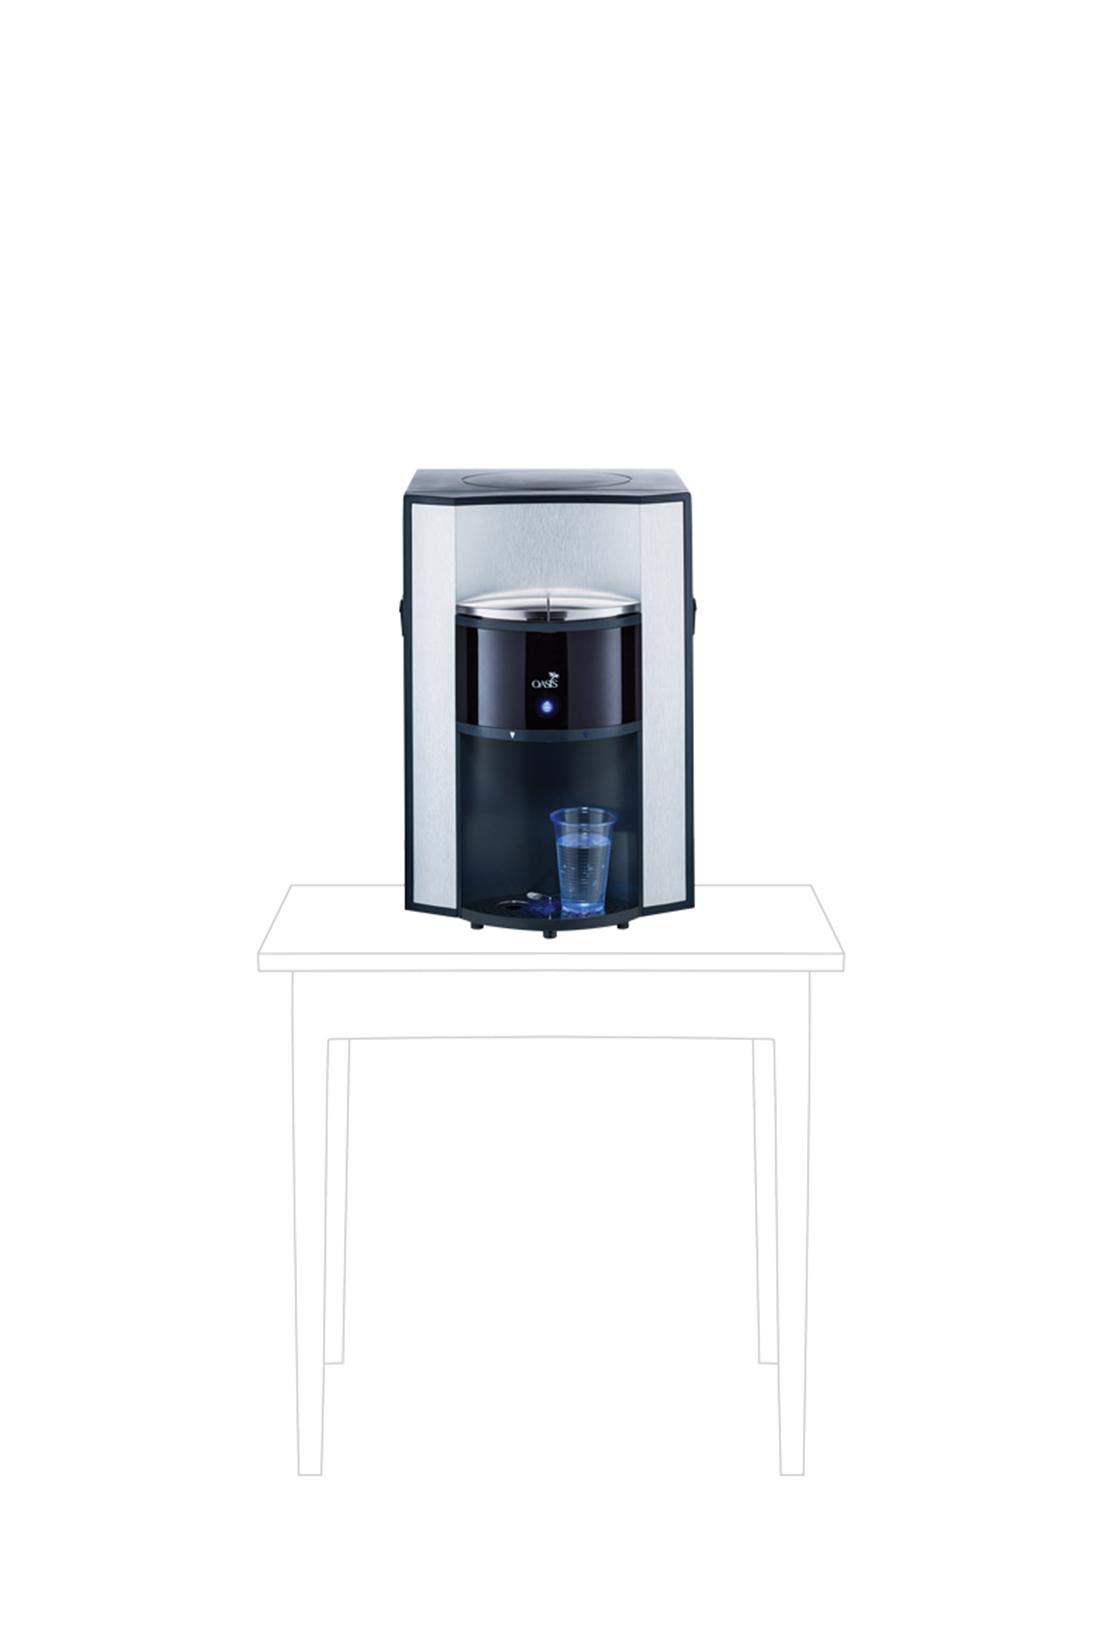 Evopure-flessenwaterkoeler